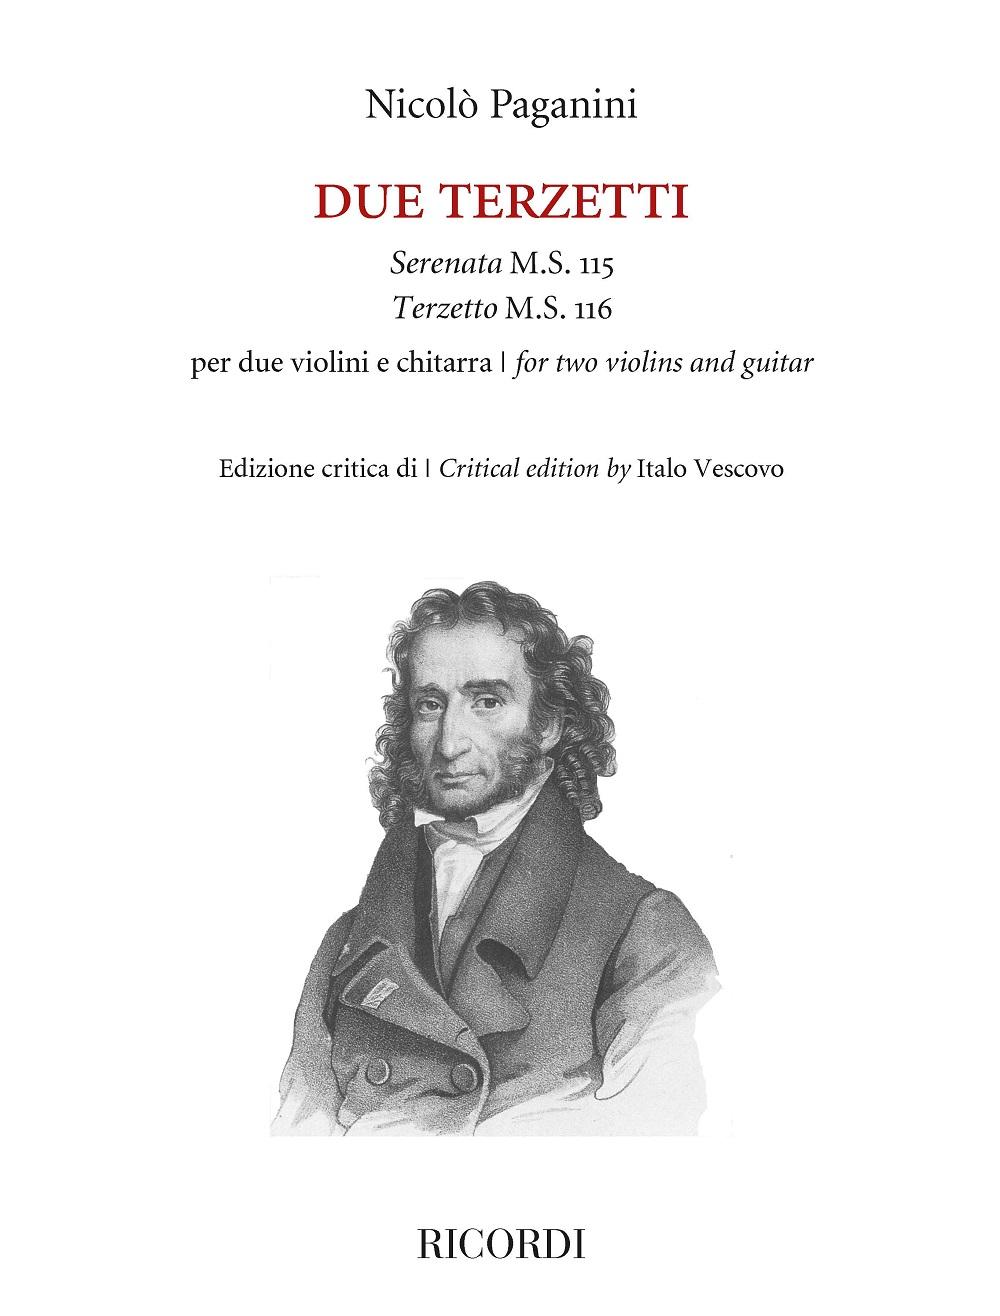 Nicolò Paganini: Due Terzetti per due violini e chitarra: Chamber Ensemble: